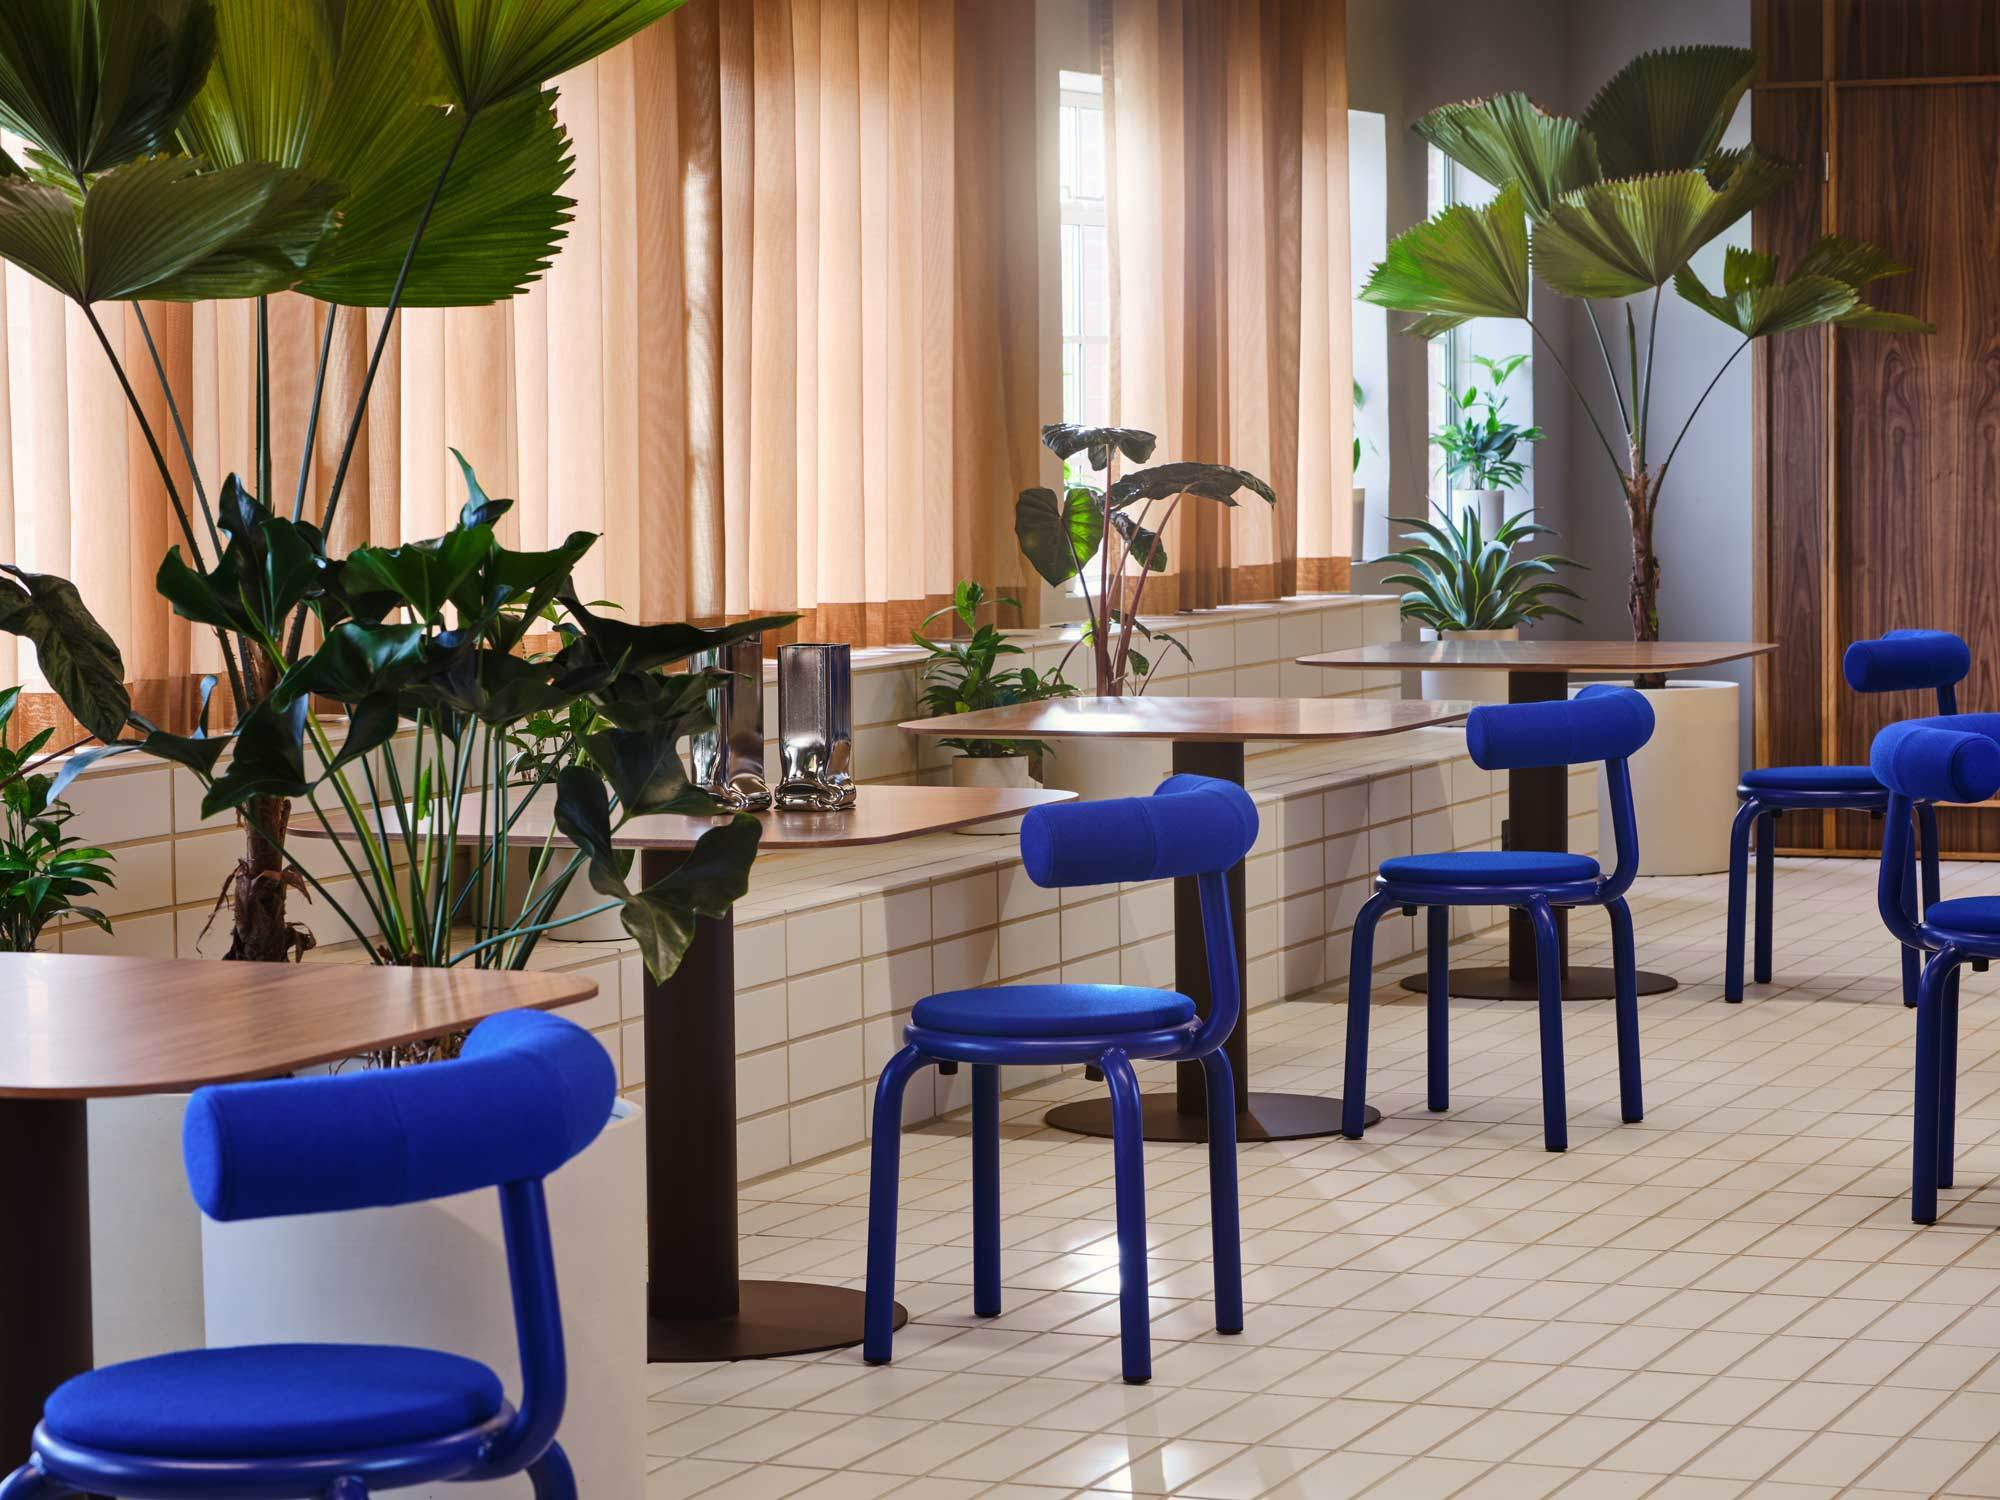 Pflanzen schaffen eine naturnahe Atmosphäre im Douglas House.